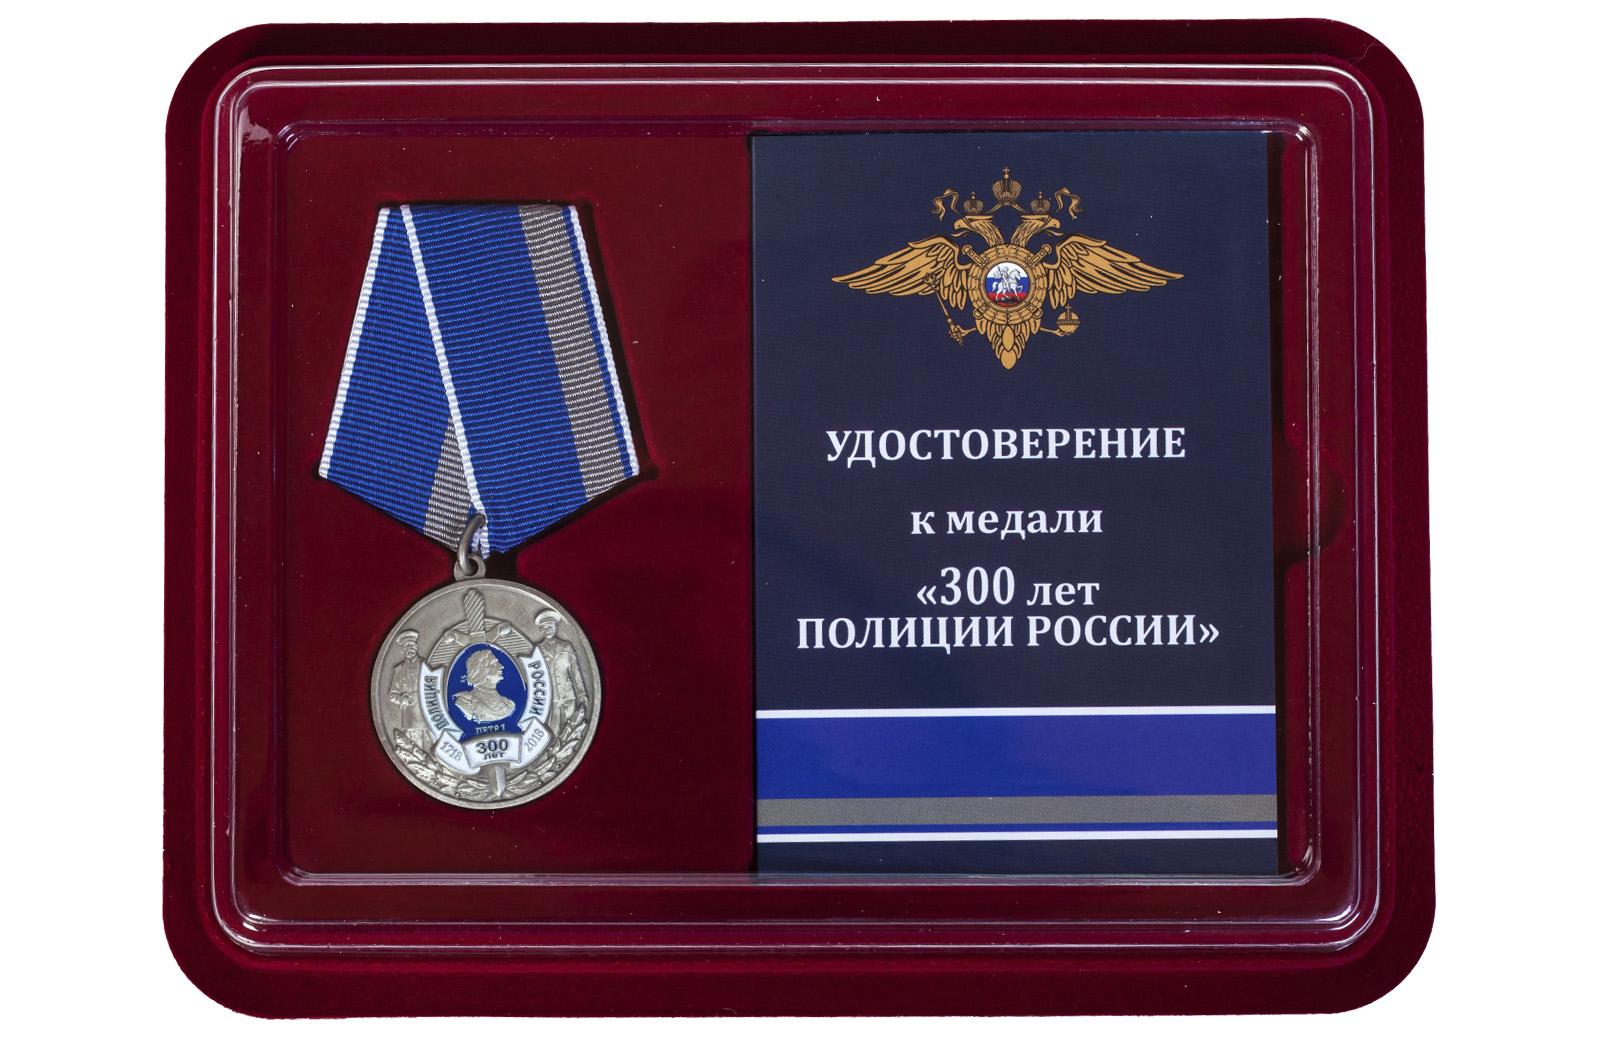 Медаль на 300-летие полиции России купить в Военпро